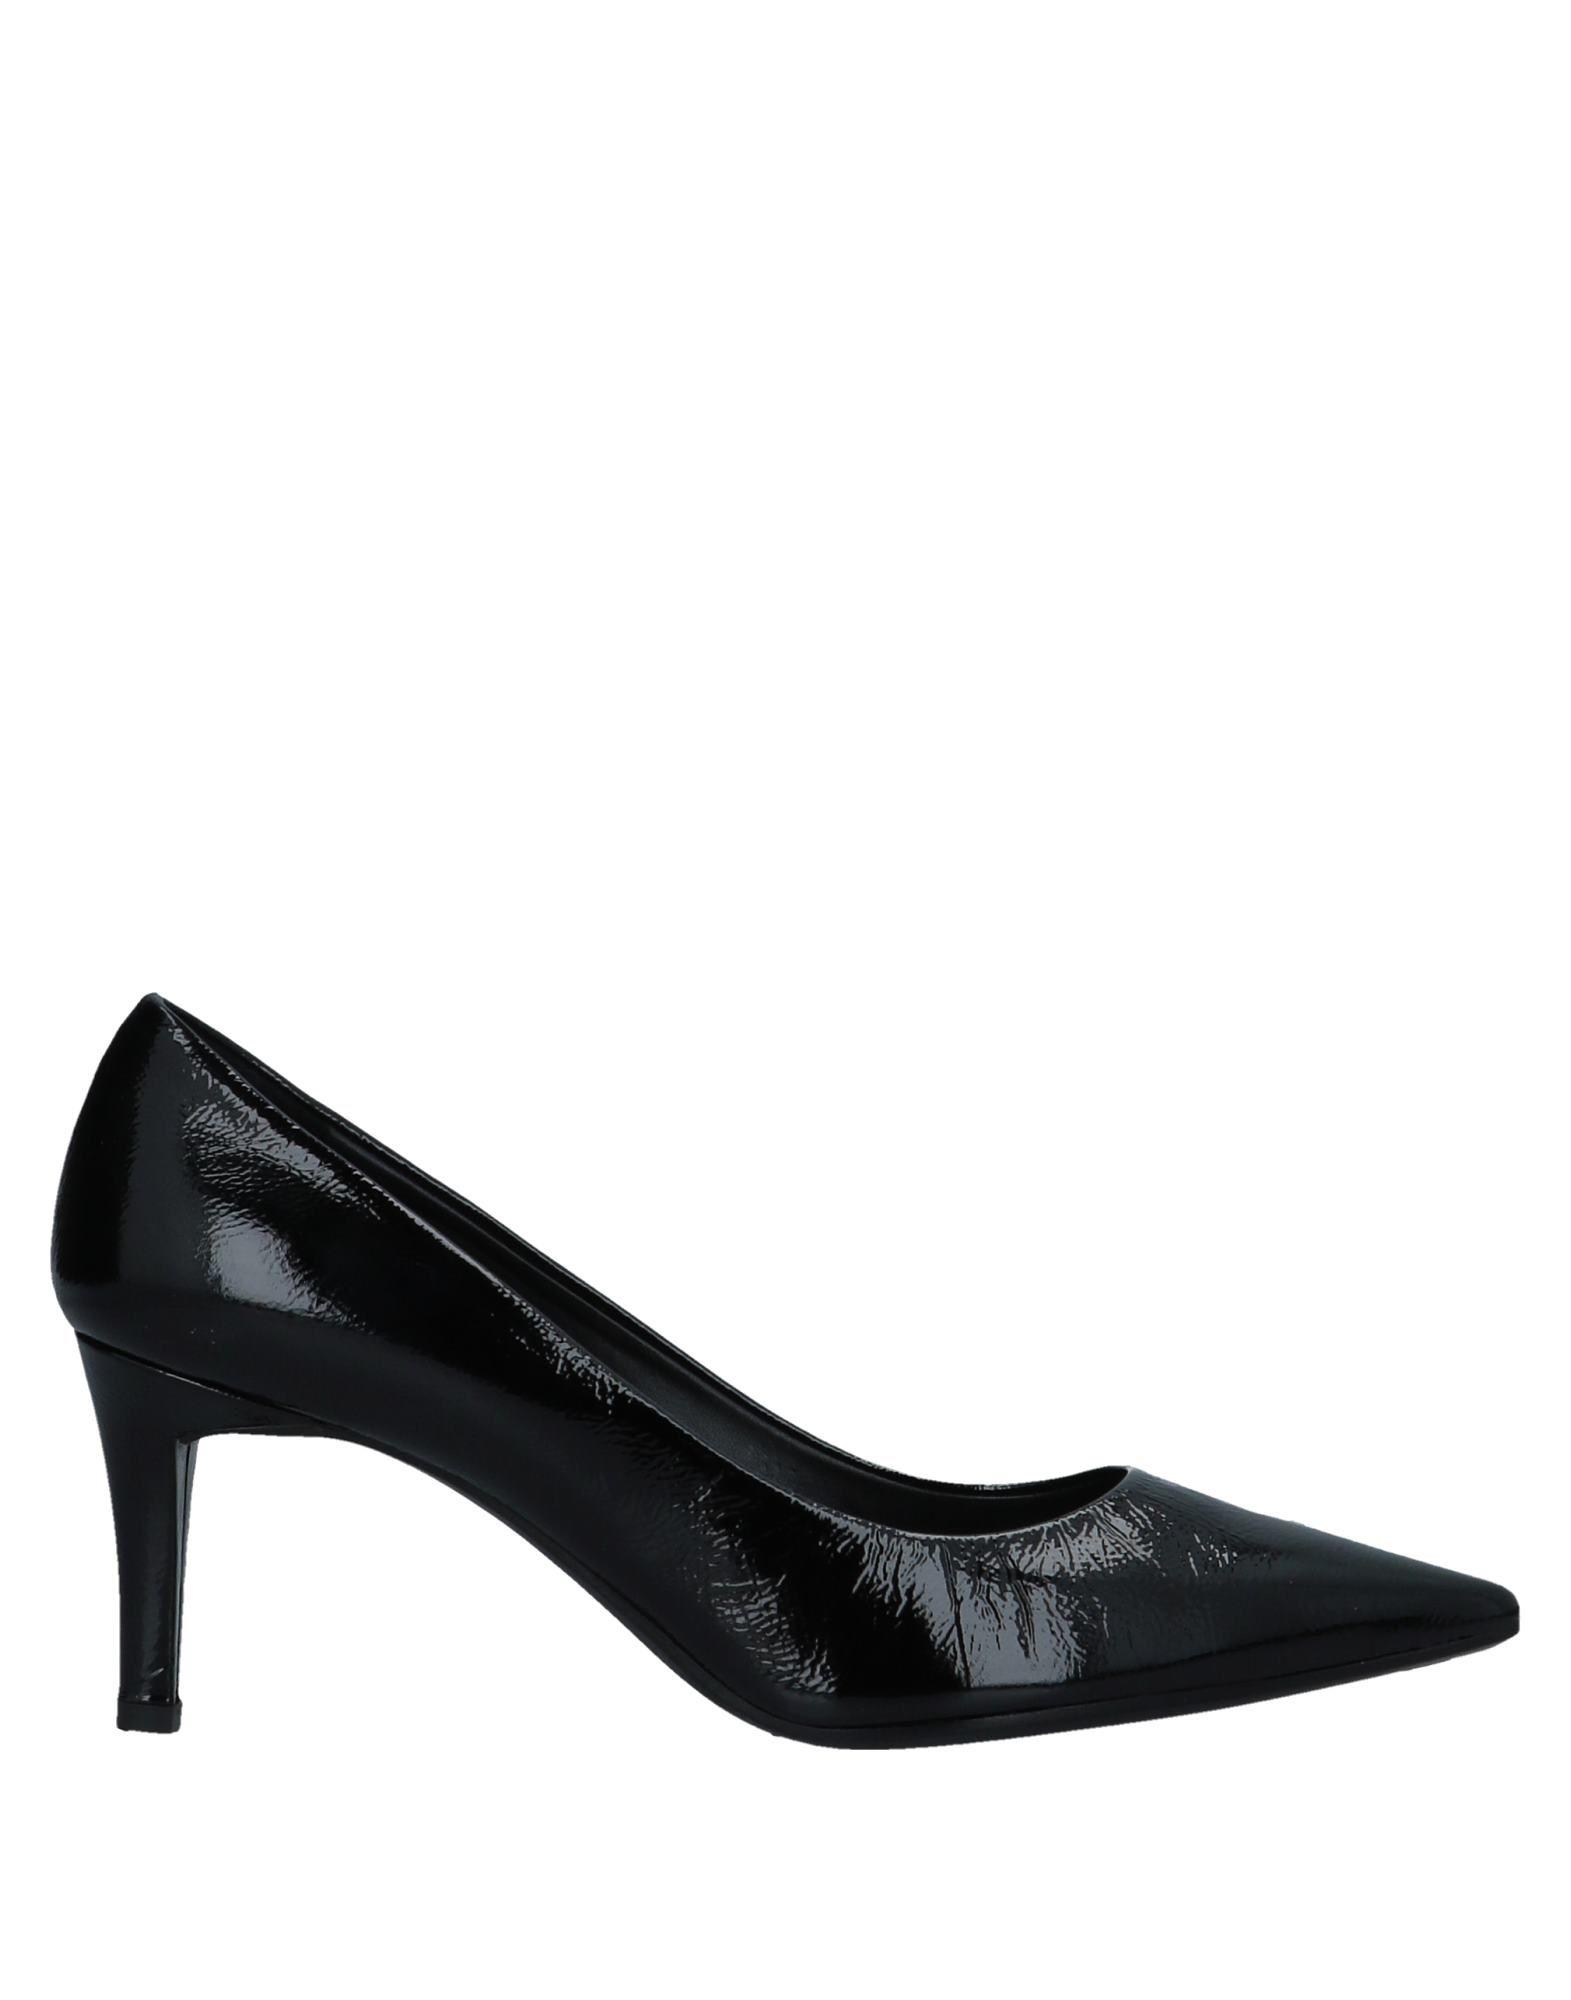 Gut um billige Schuhe Damen zu tragenFesta Milano Pumps Damen Schuhe  11519027GK 36c10f